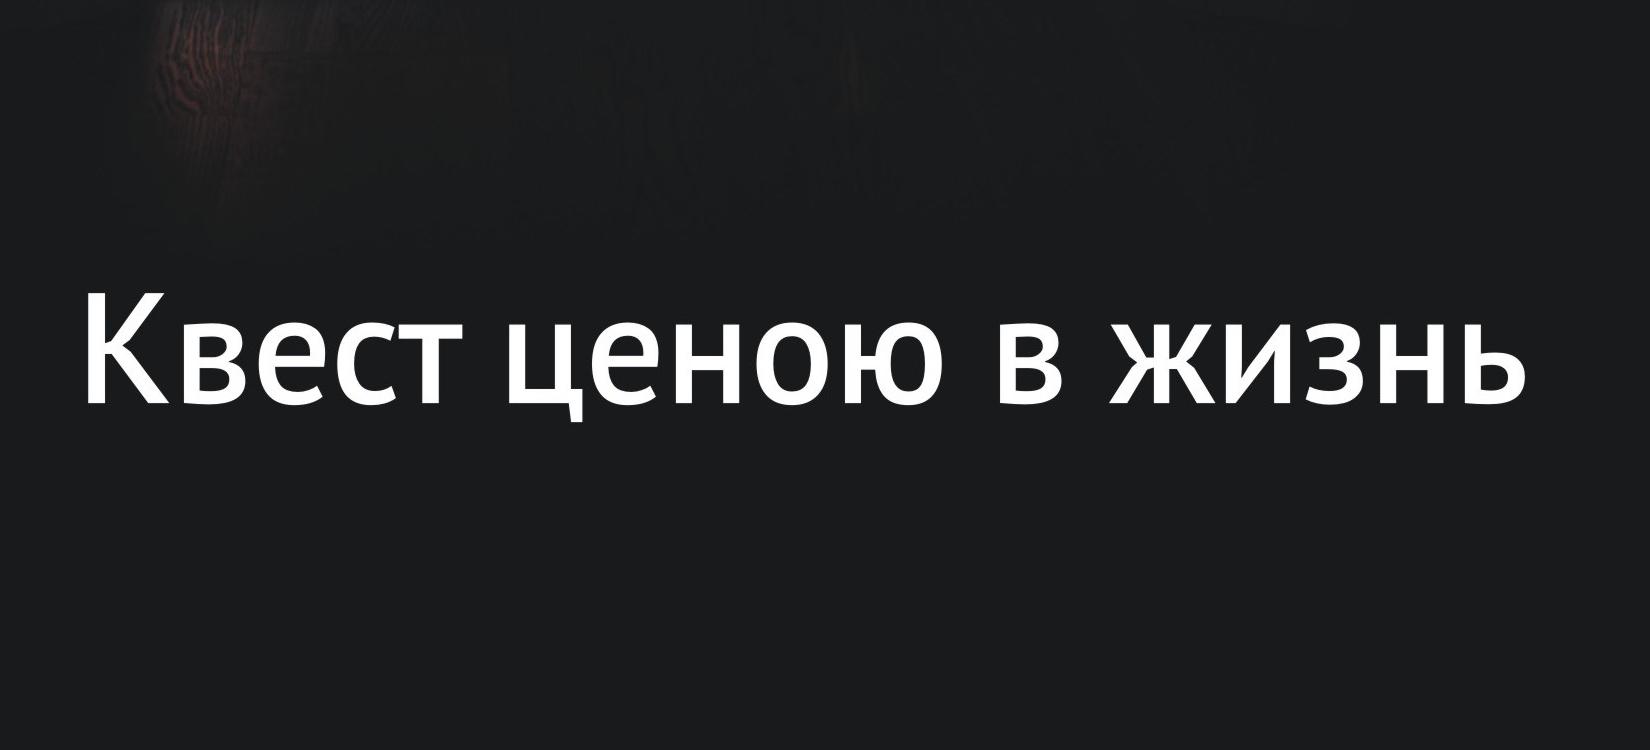 2016_ru_2016_8_hero_1